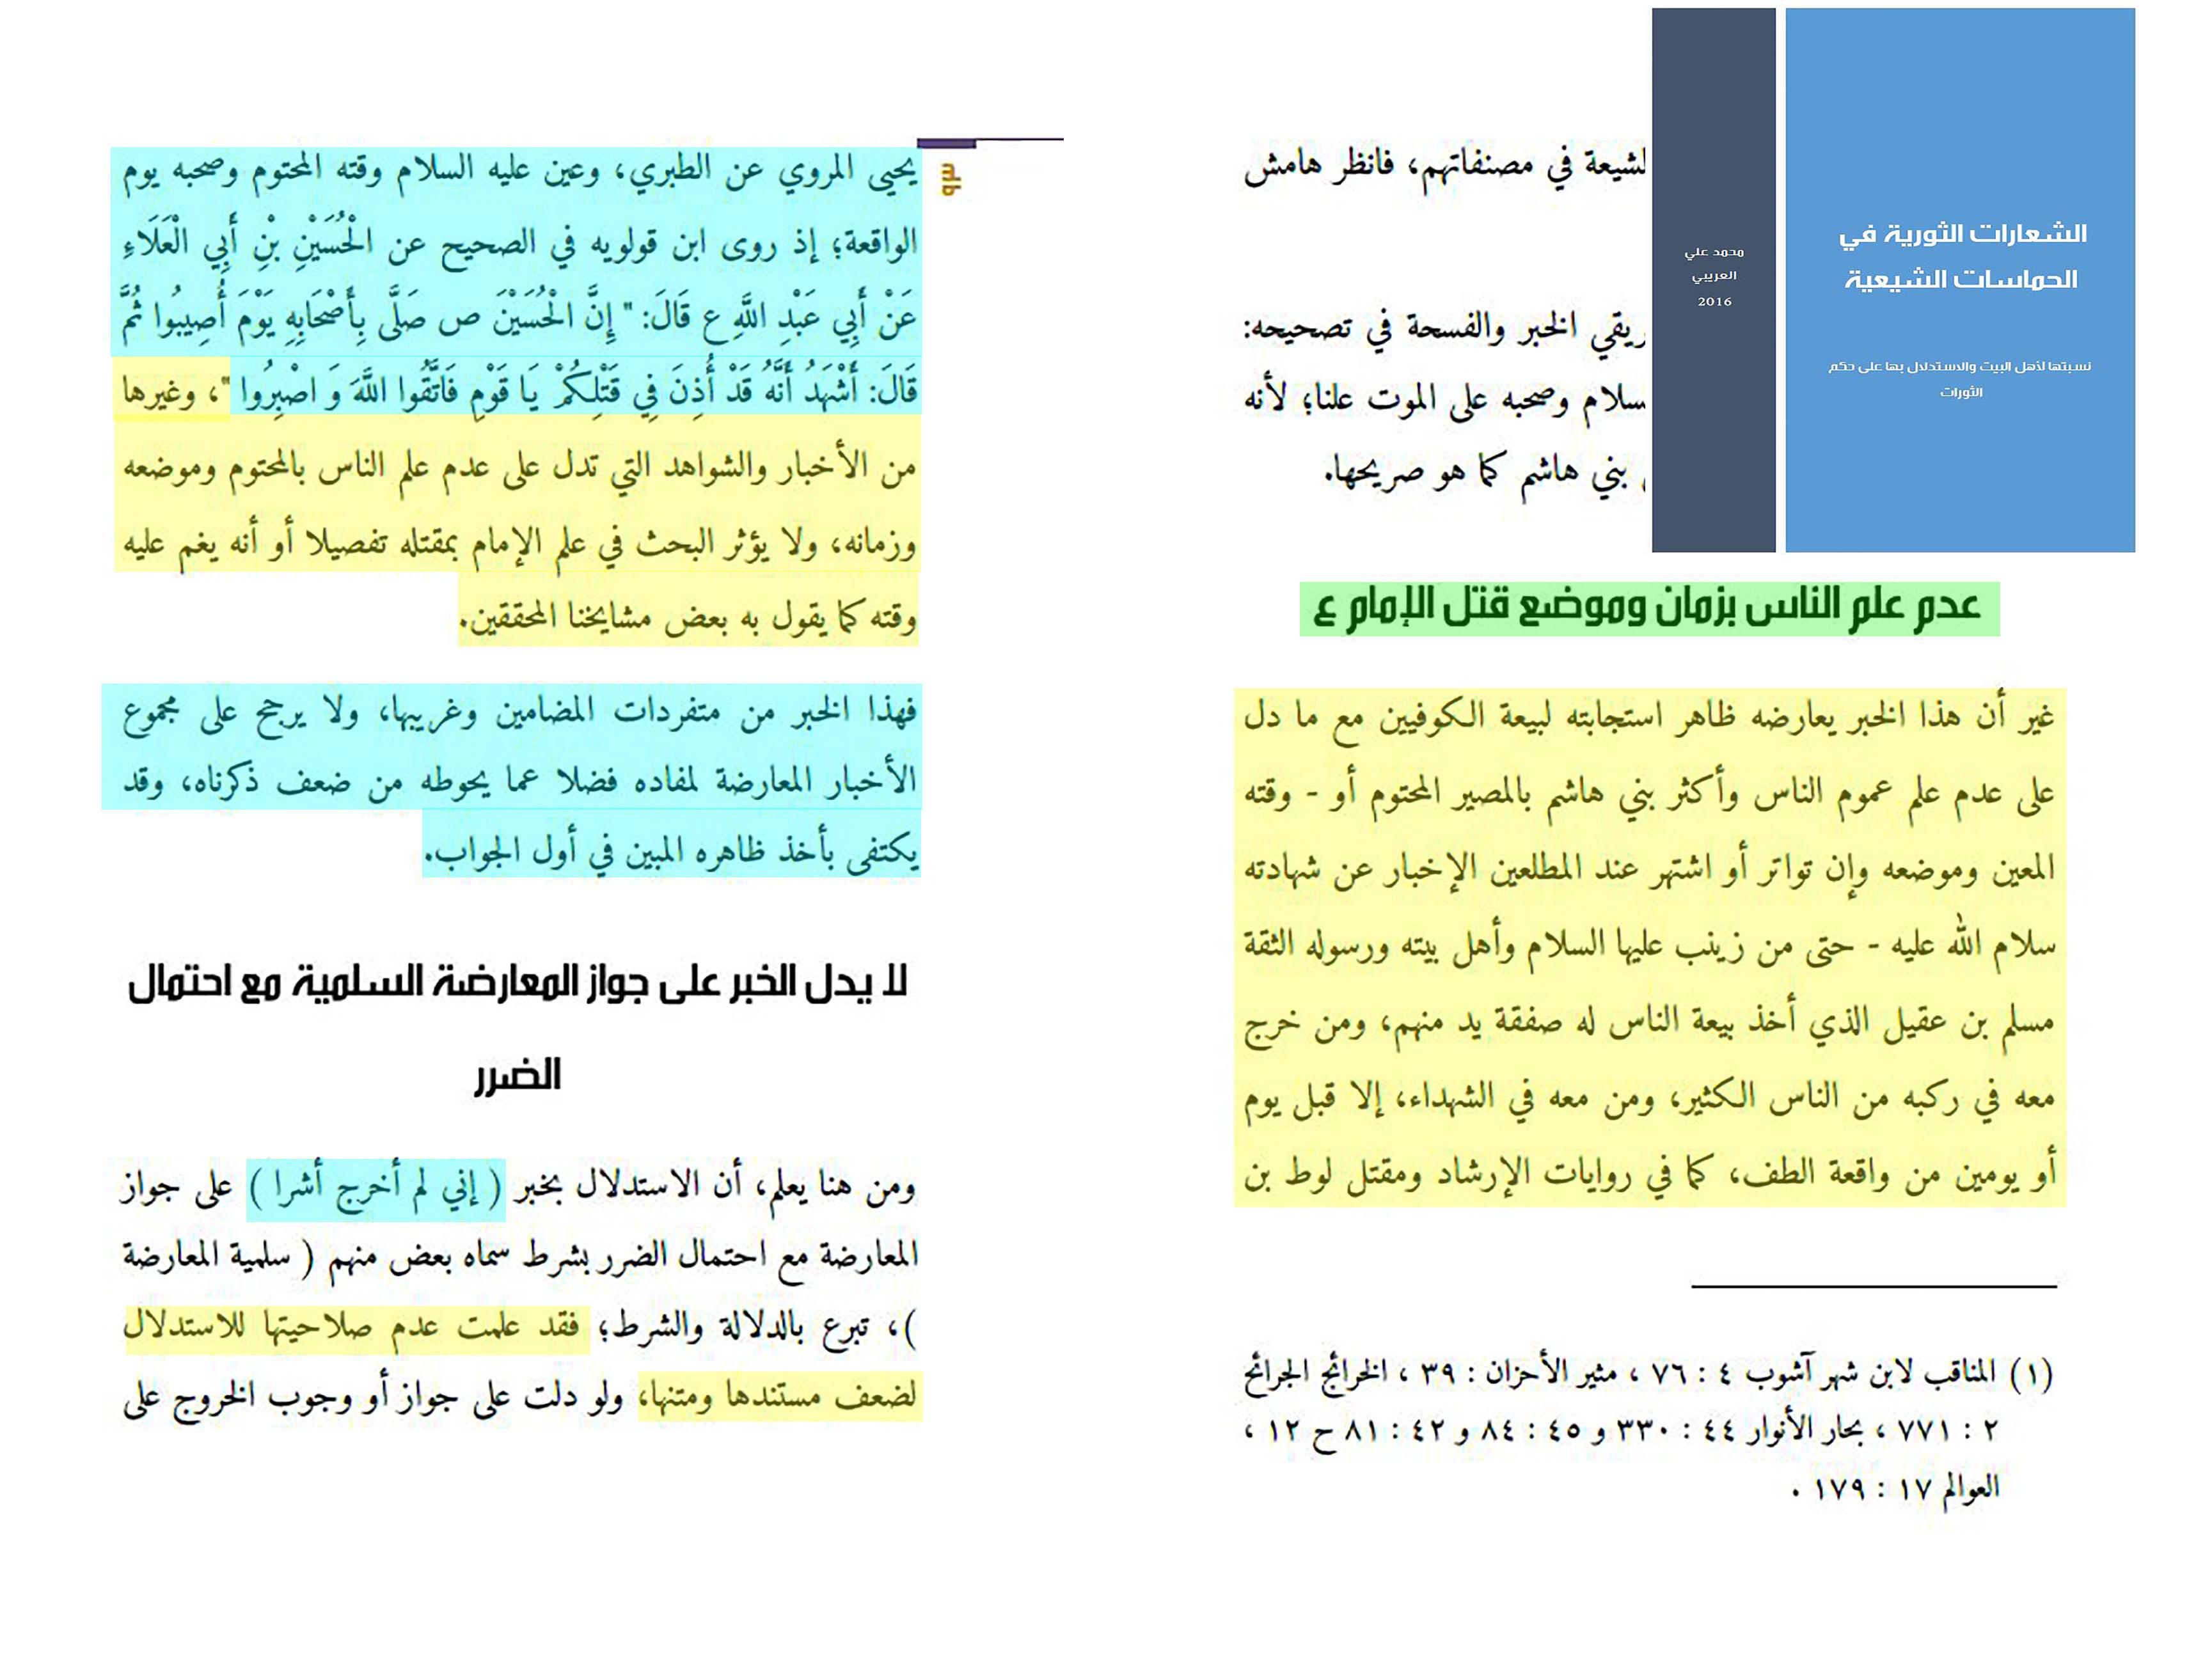 الاســـم:الشعارات الثورية في الحماسات الشيعية ص92 وص93 وثيقة.jpg المشاهدات: 57 الحجـــم:596.9 كيلوبايت